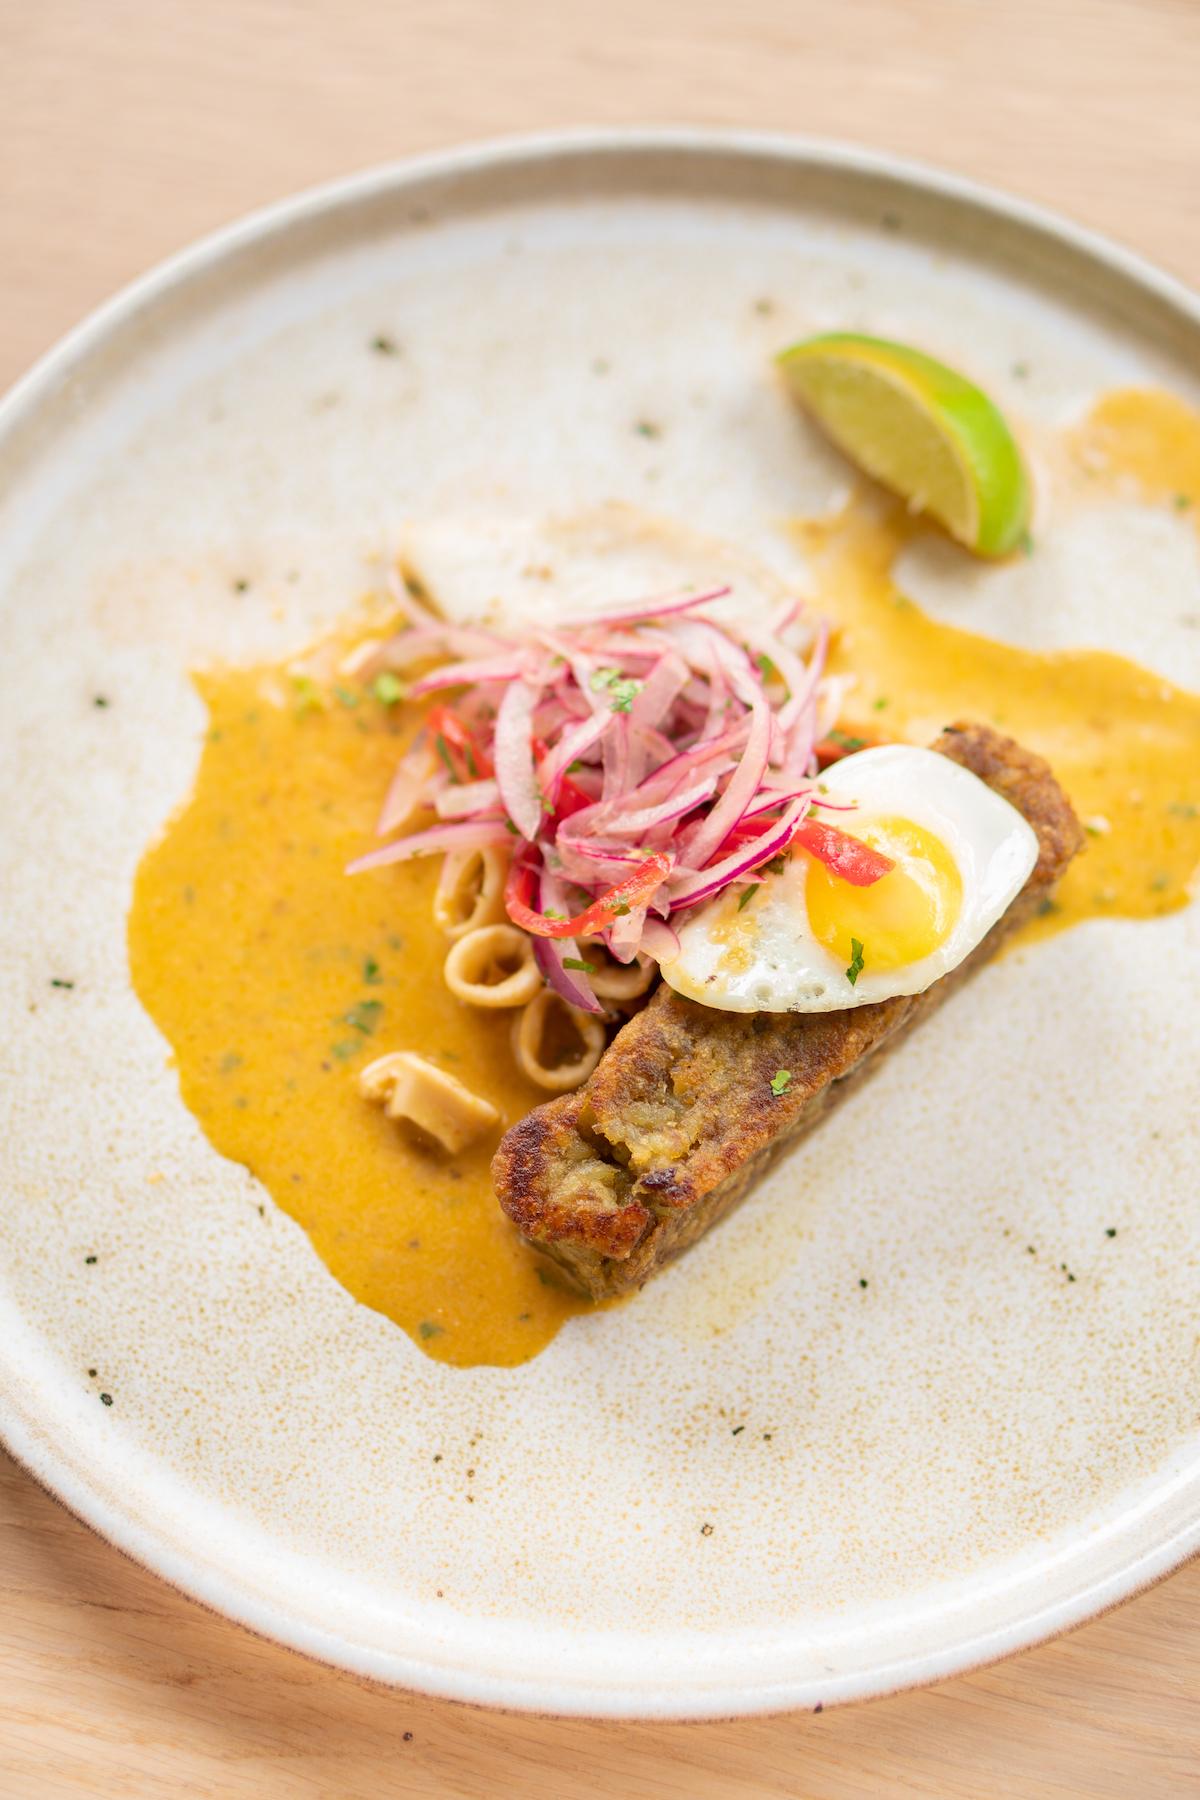 Tacu Tacu uit de Peruaanse keuken